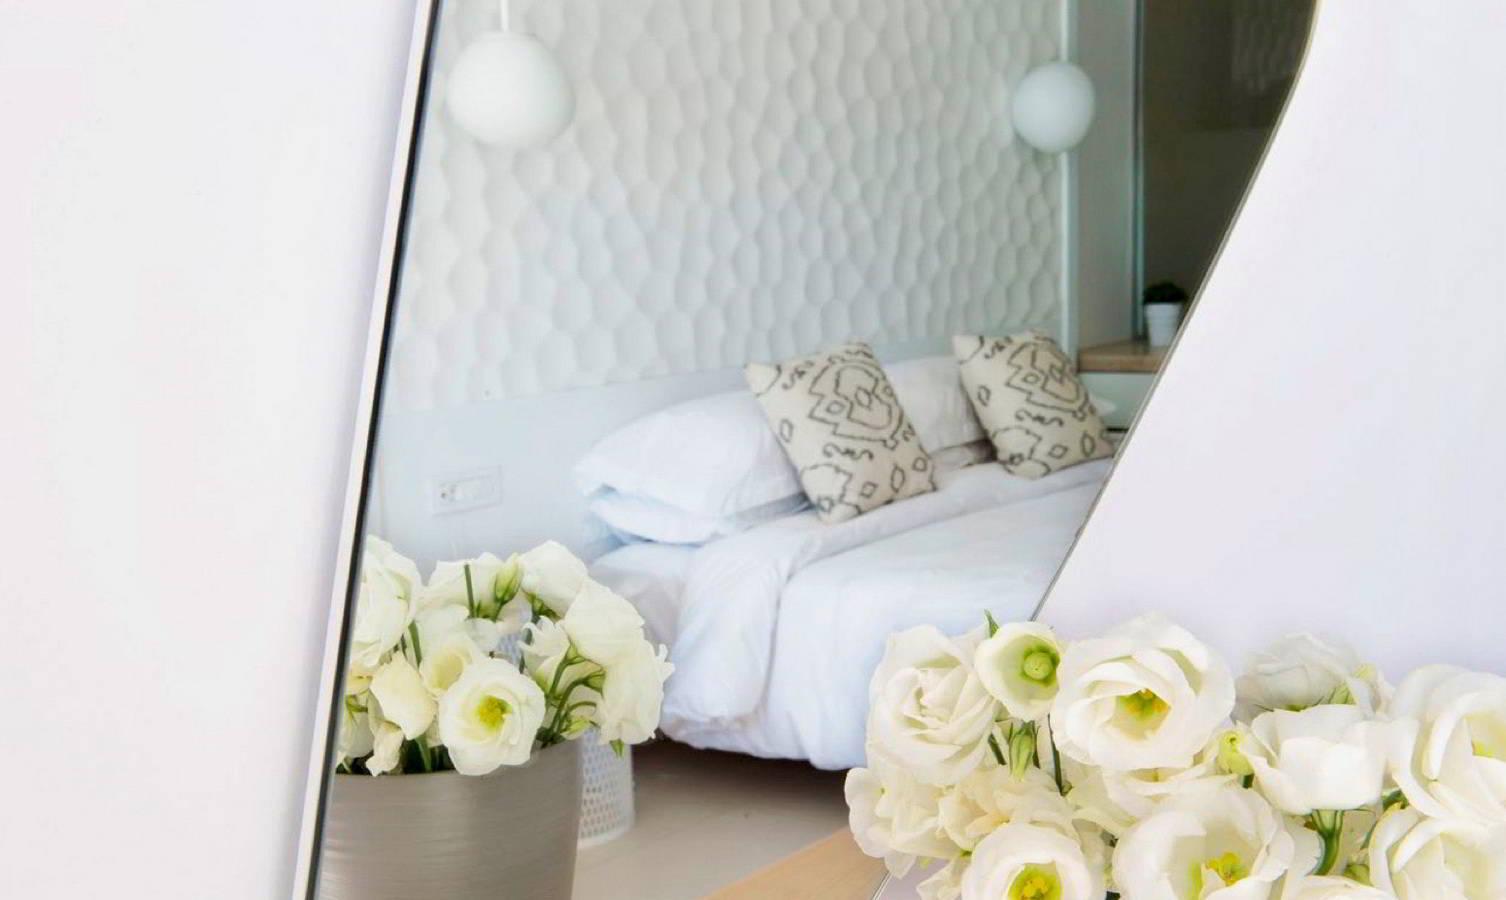 mykonian-k-hotels_styling_hara-kontaxaki_13